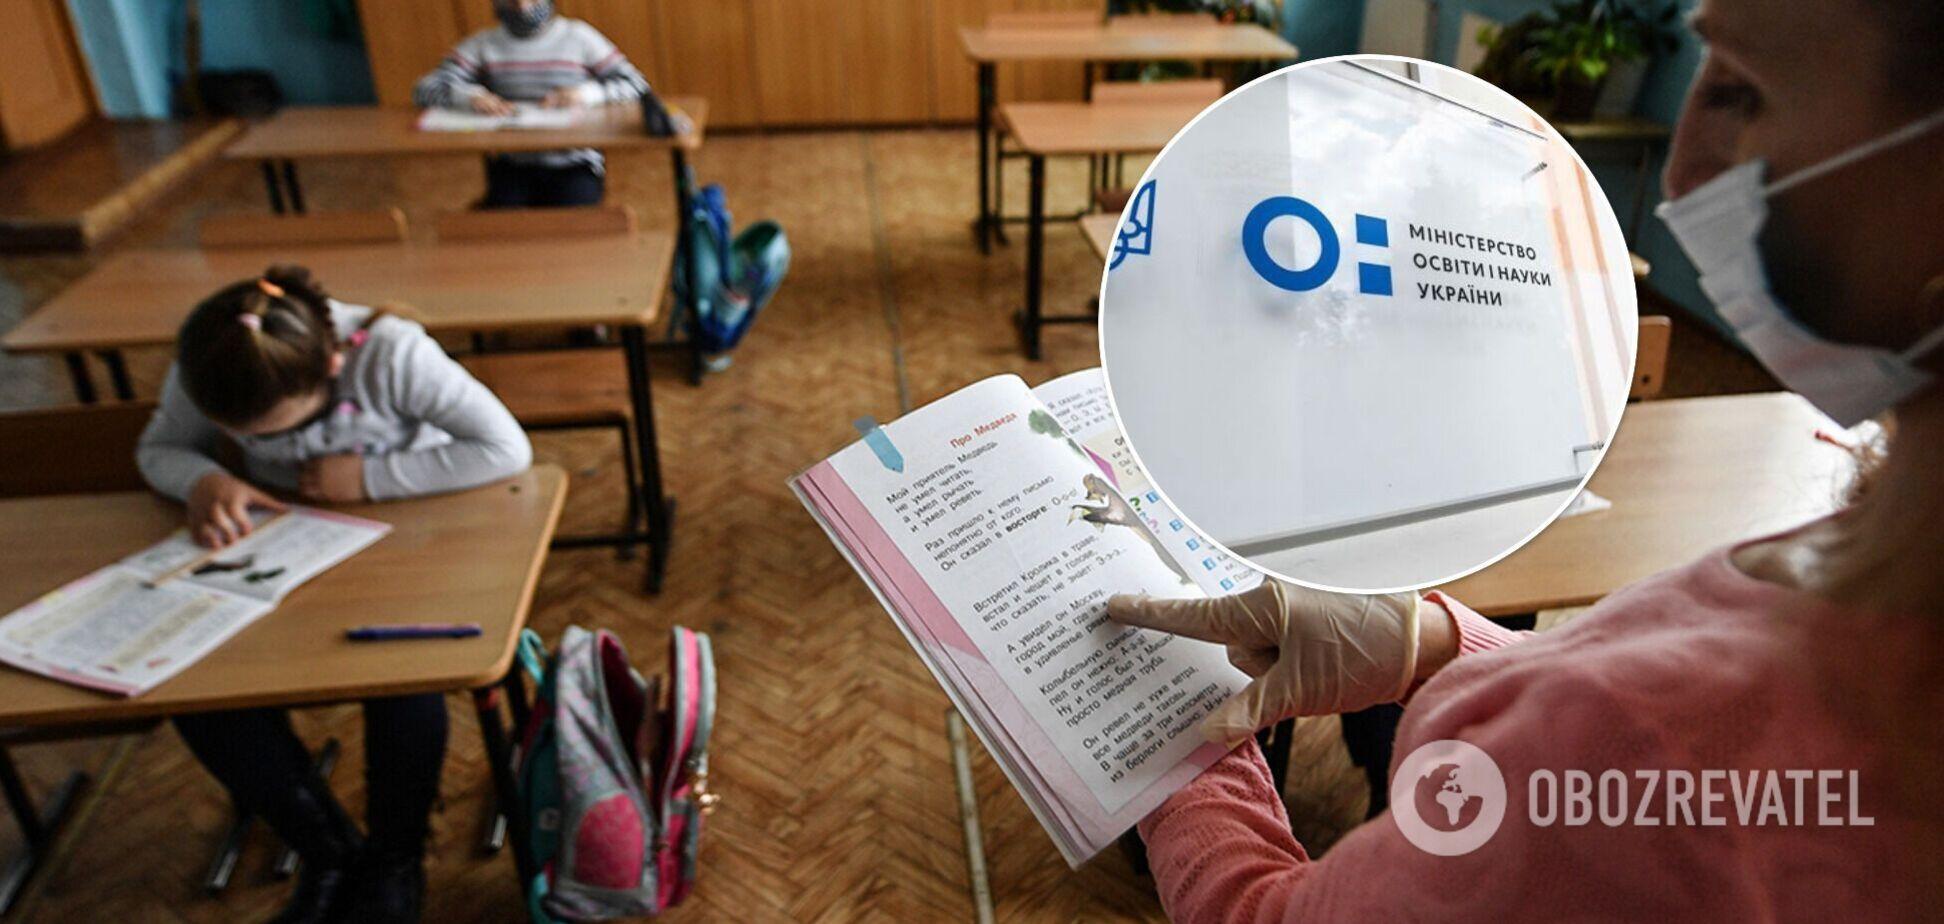 В Минобразования объяснили, как будут работать школы в Украине с 20 сентября